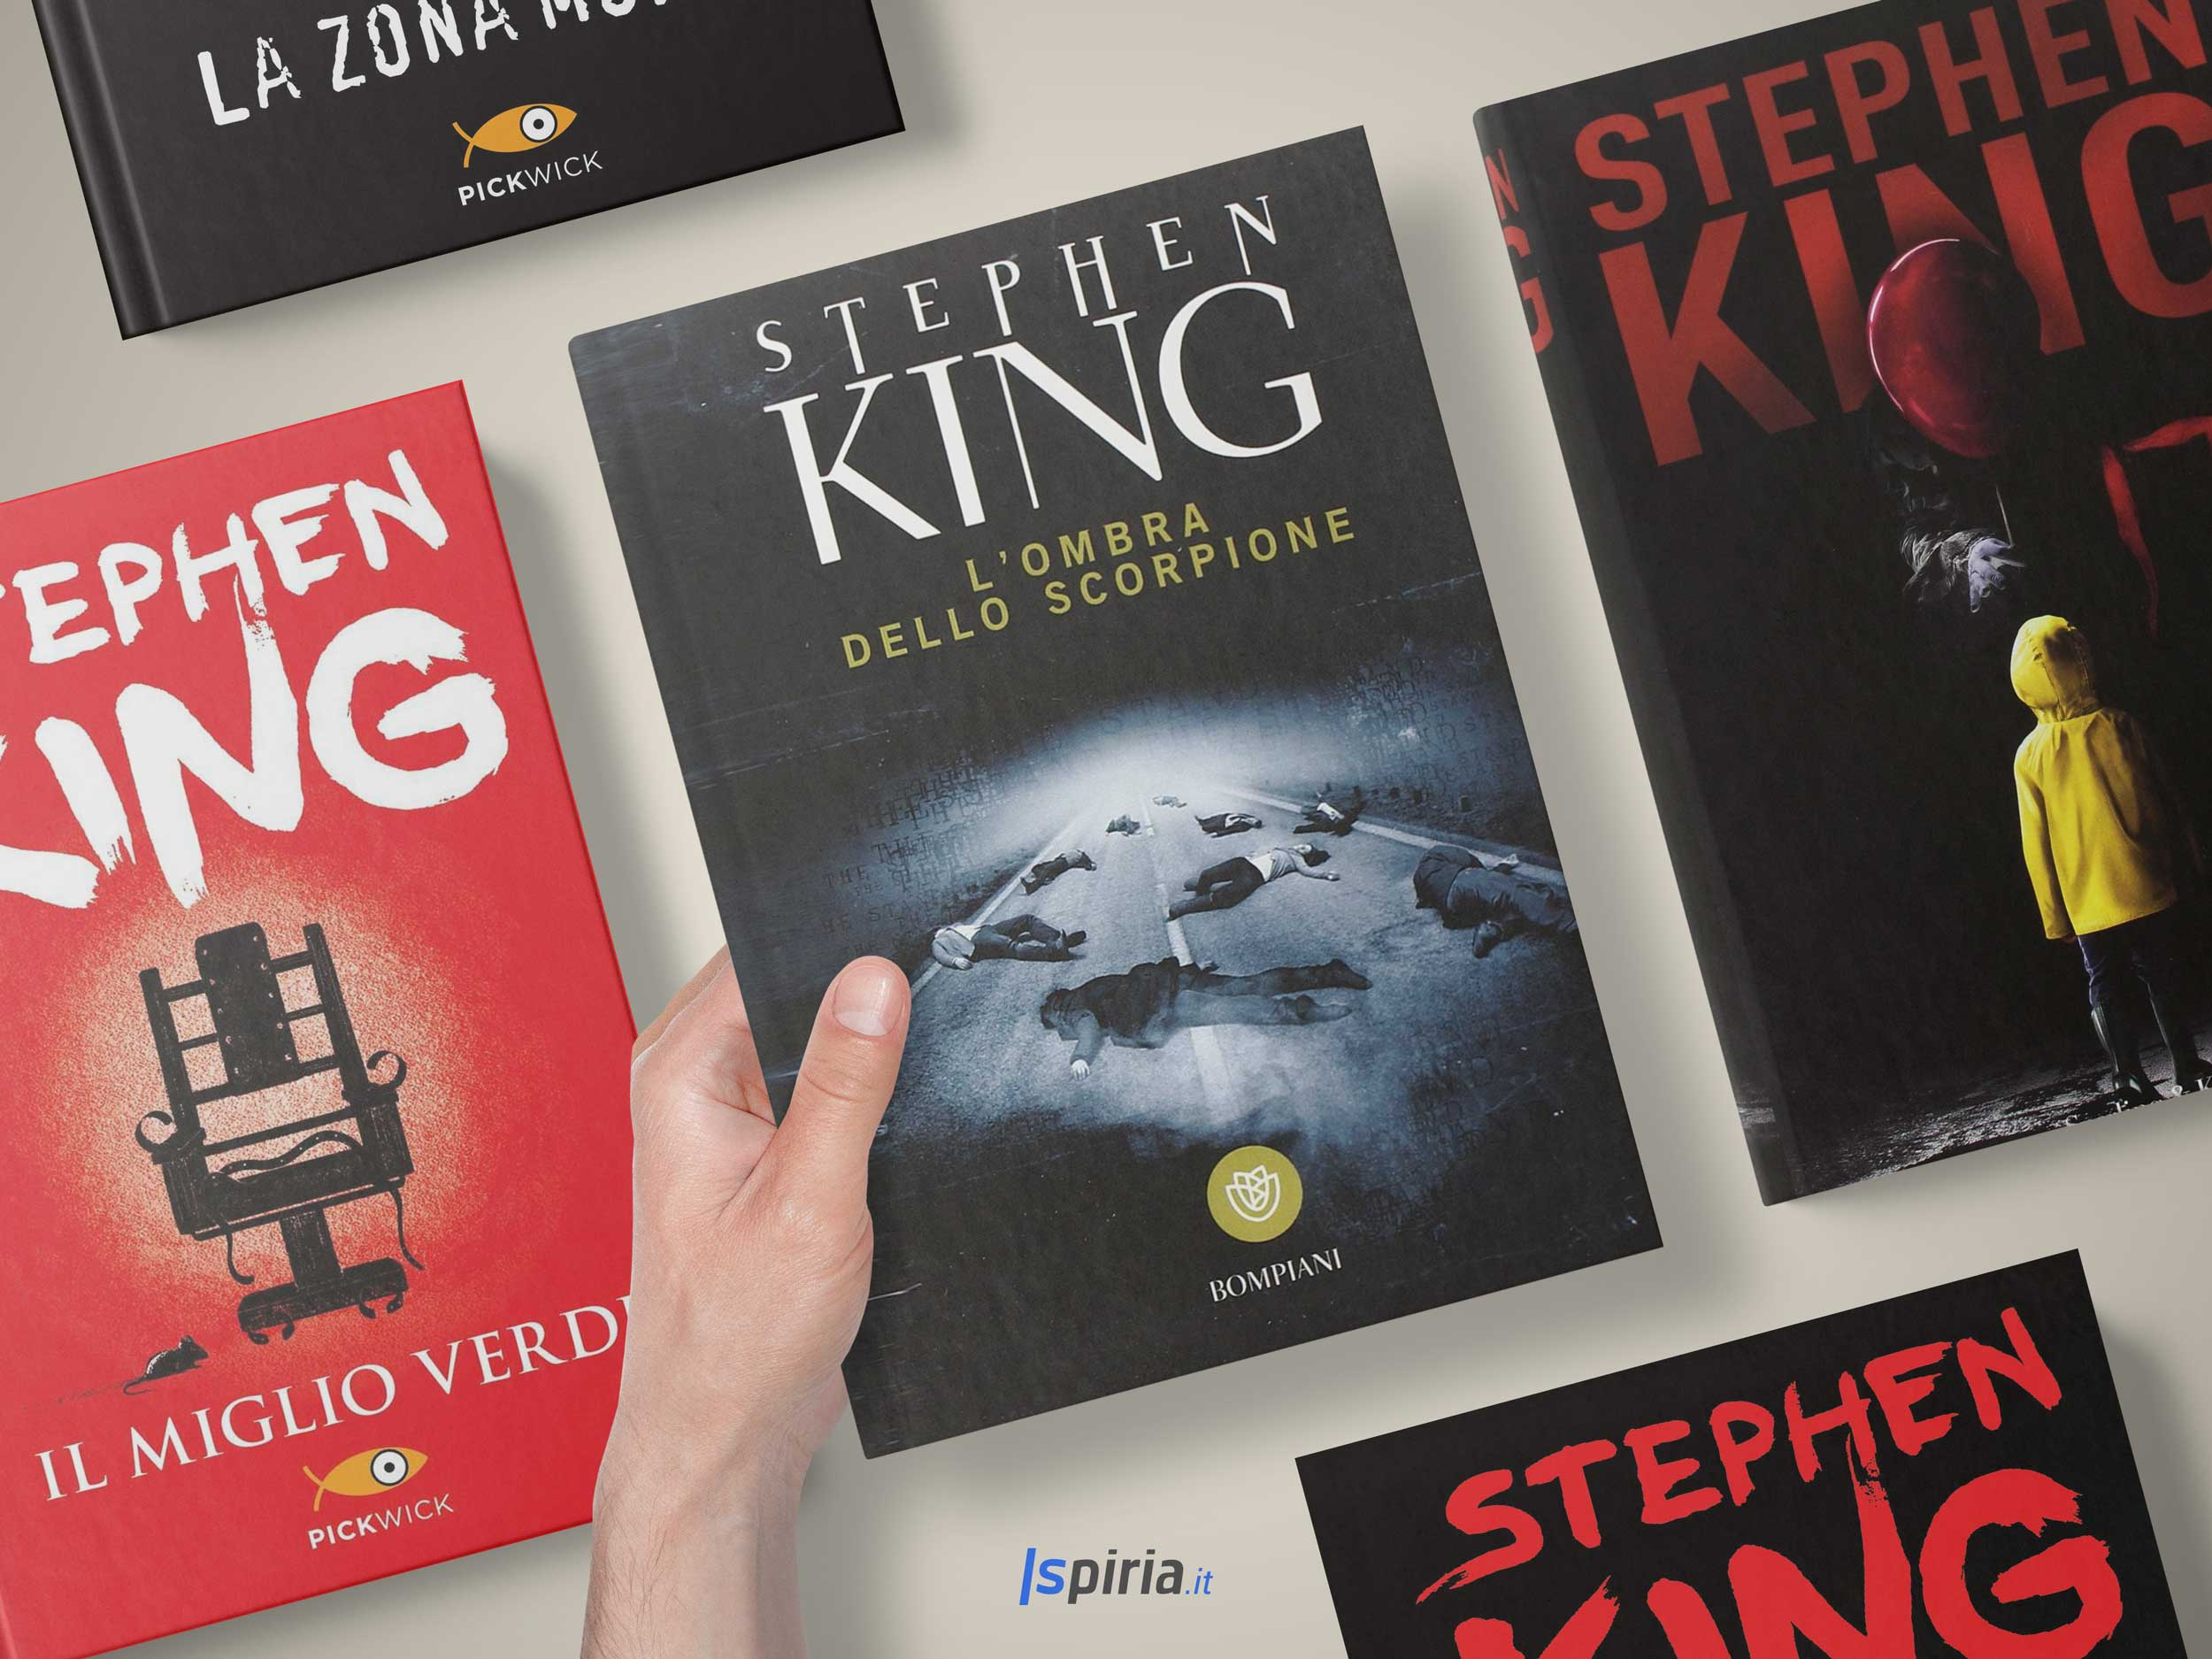 Migliori Libri Stephen King Da Leggere | Quali? Classifica Romanzi Stephen King